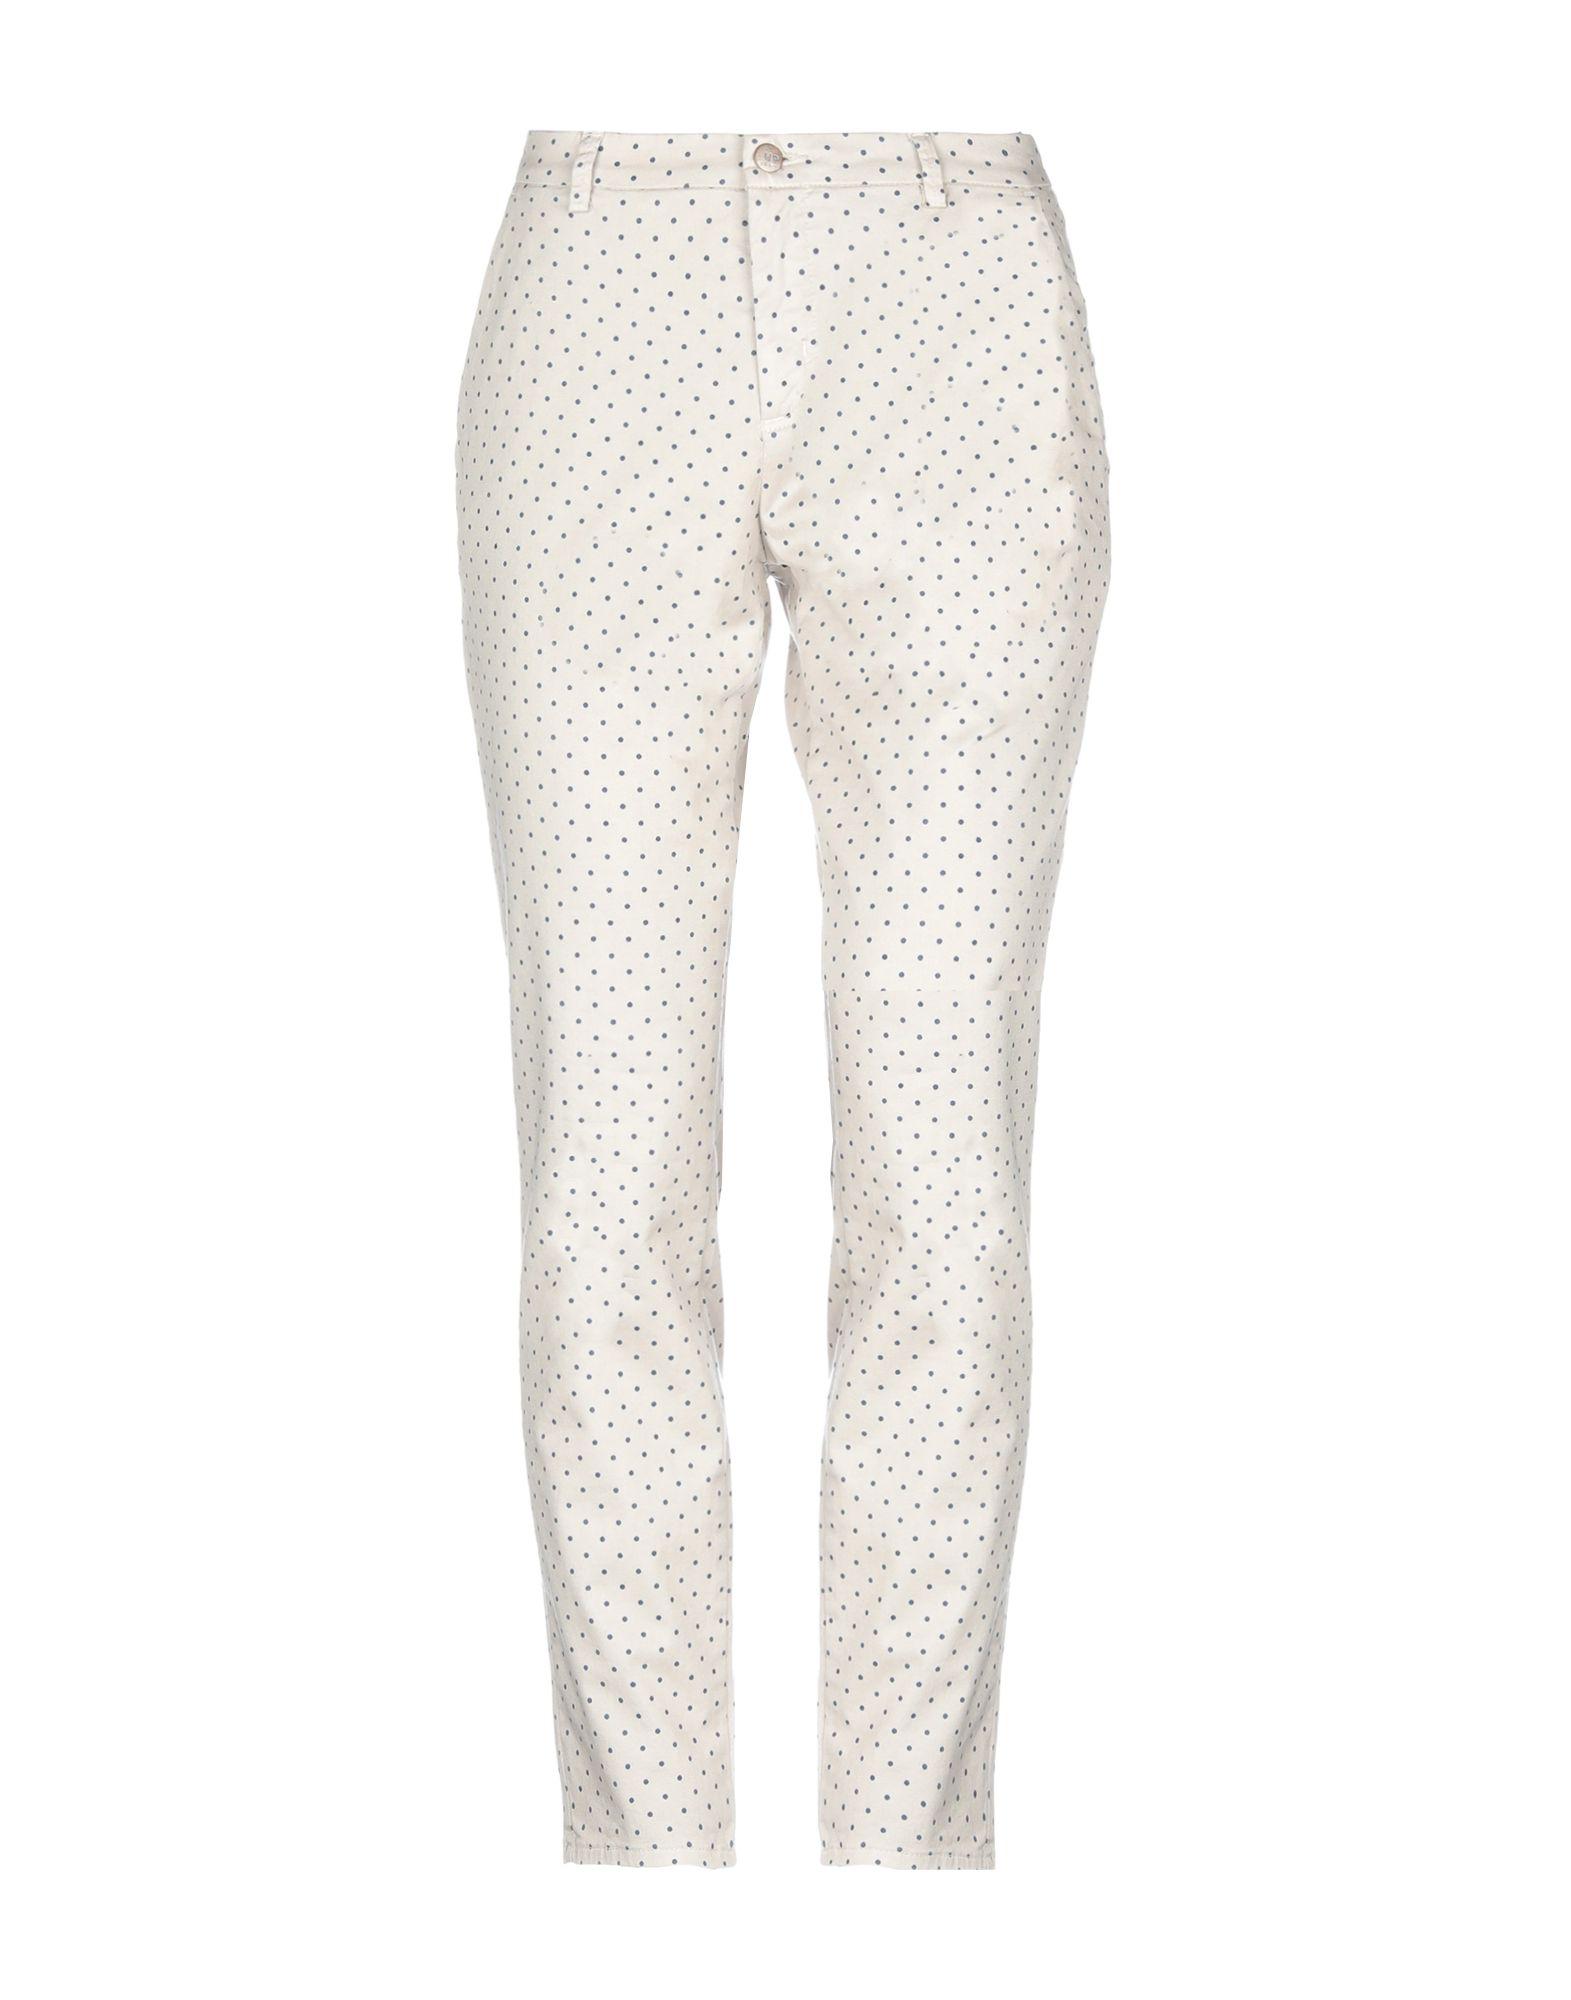 UP ★ JEANS Повседневные брюки lace up detail jeans